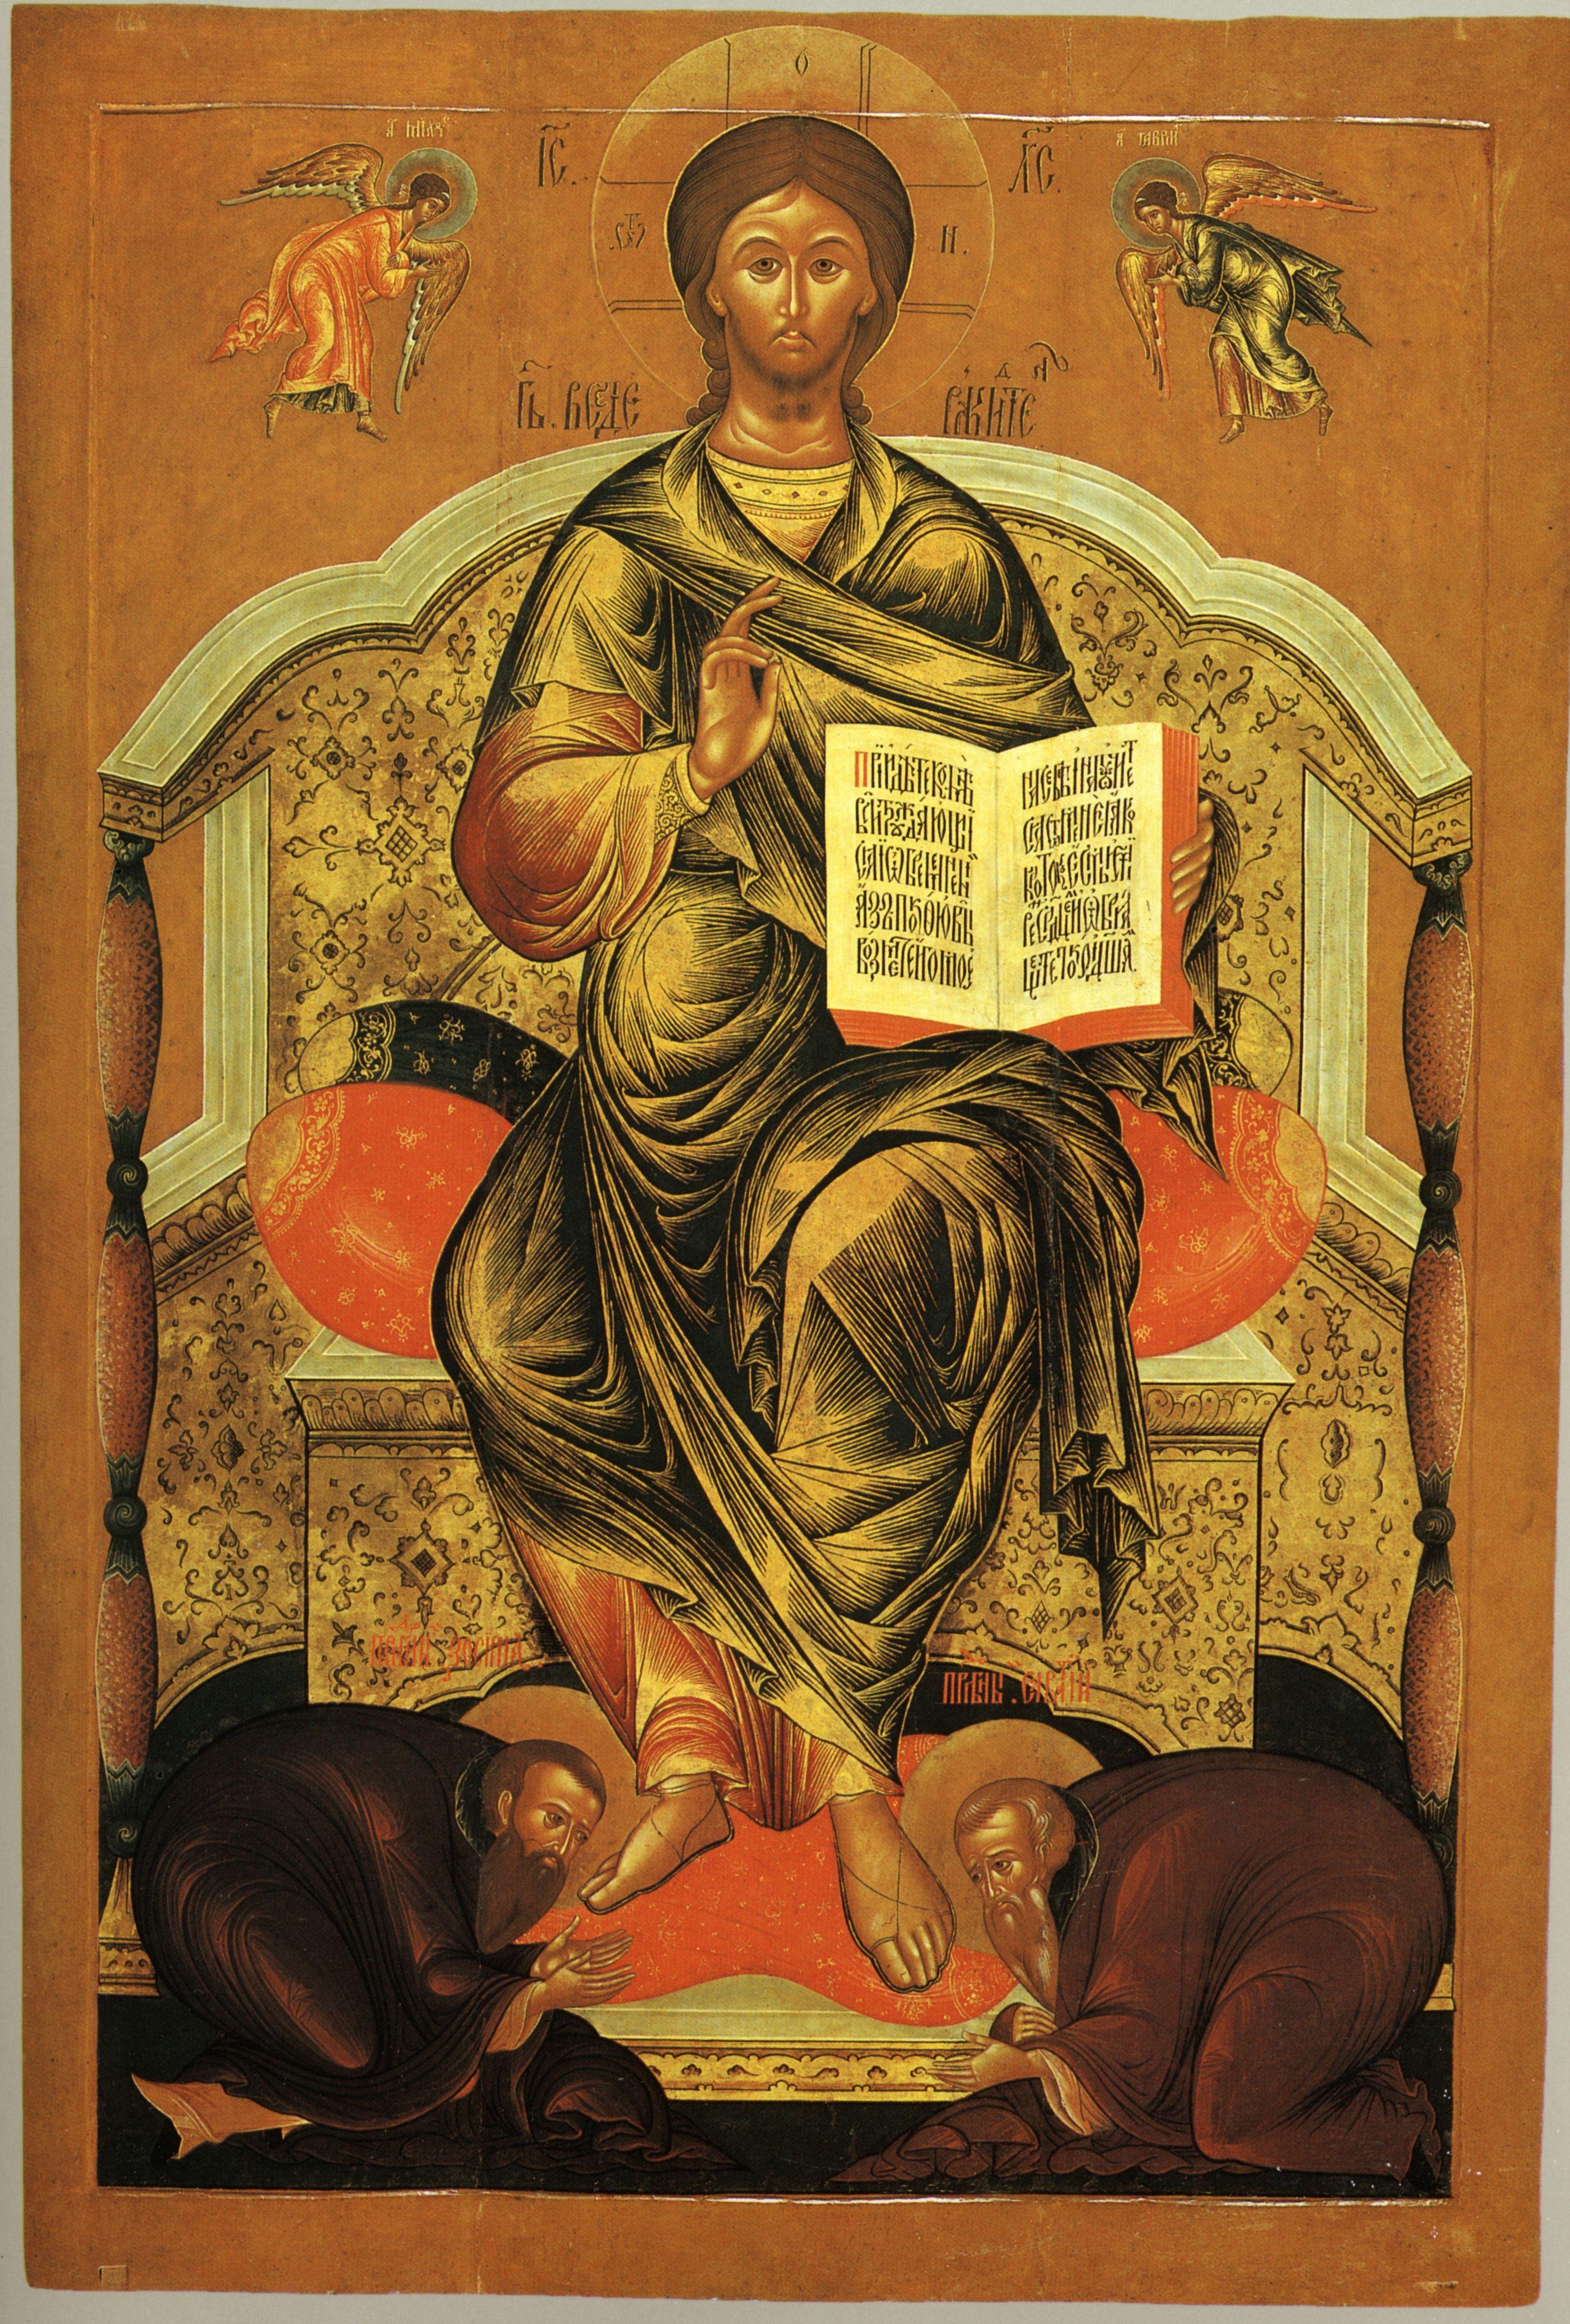 буду икона подаждь боже фото вниманию предлагается традиционный